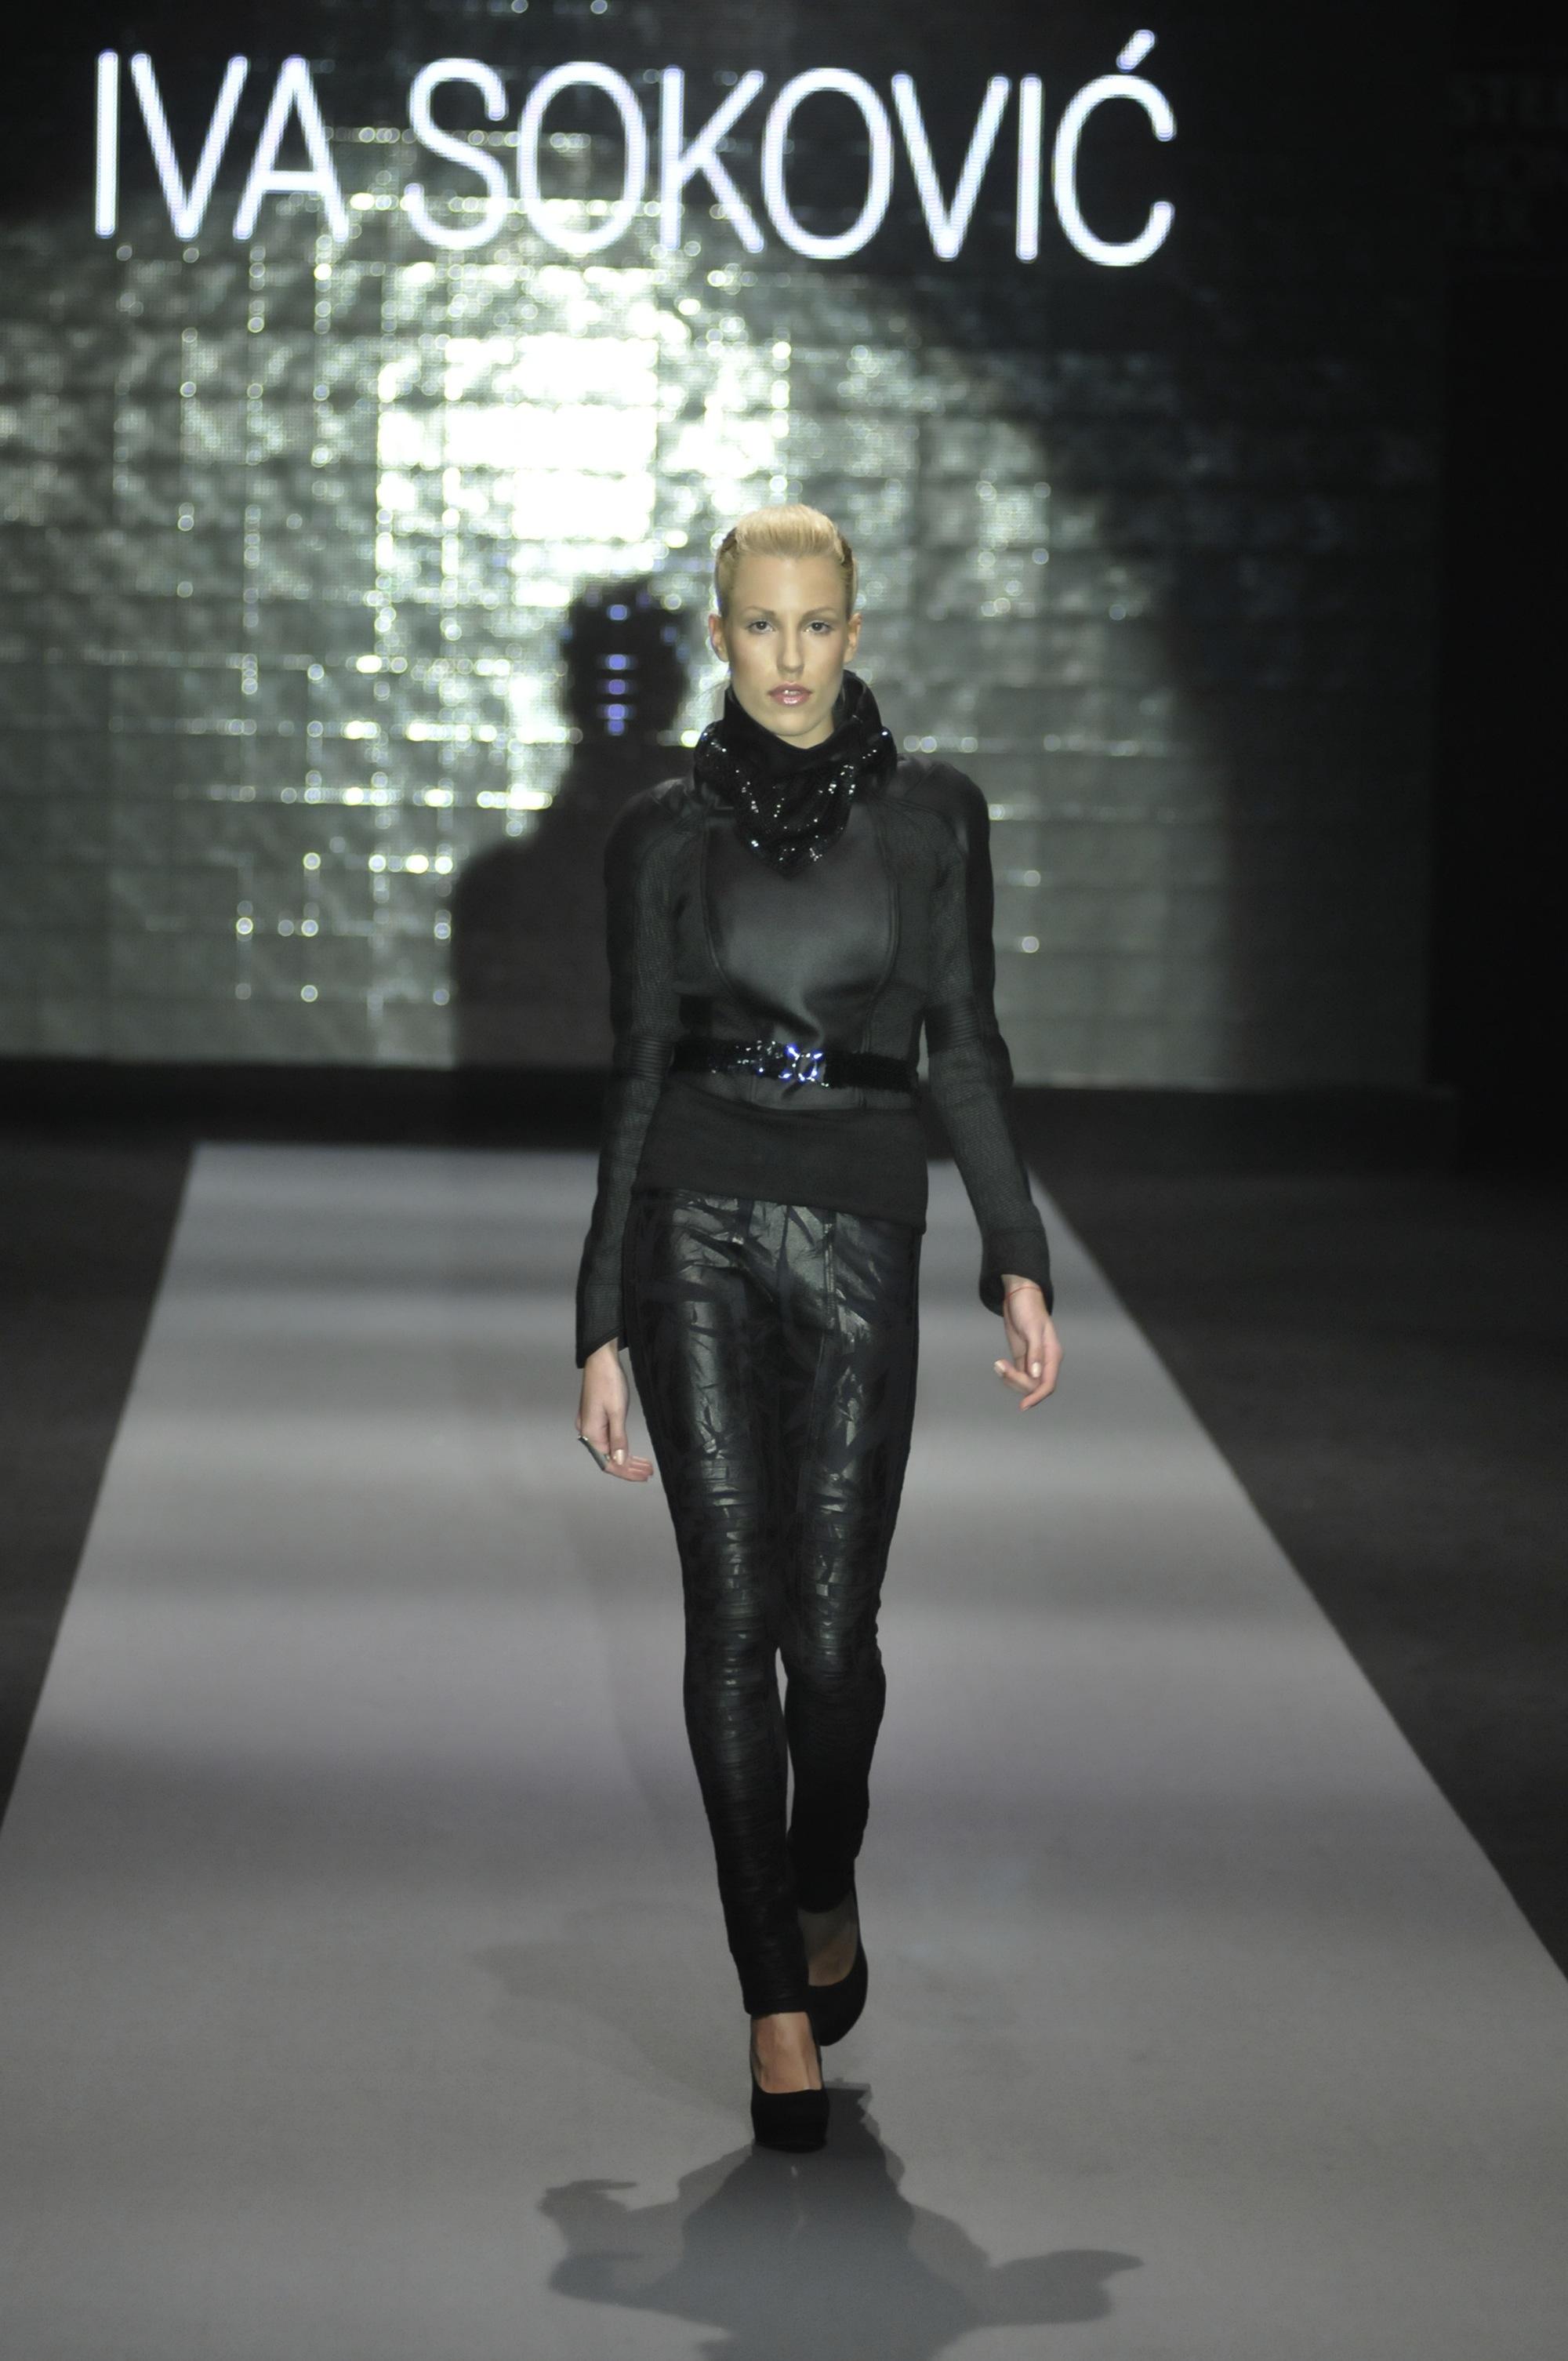 ivasokovic Peto veče 30.Amstel Fashion Week a